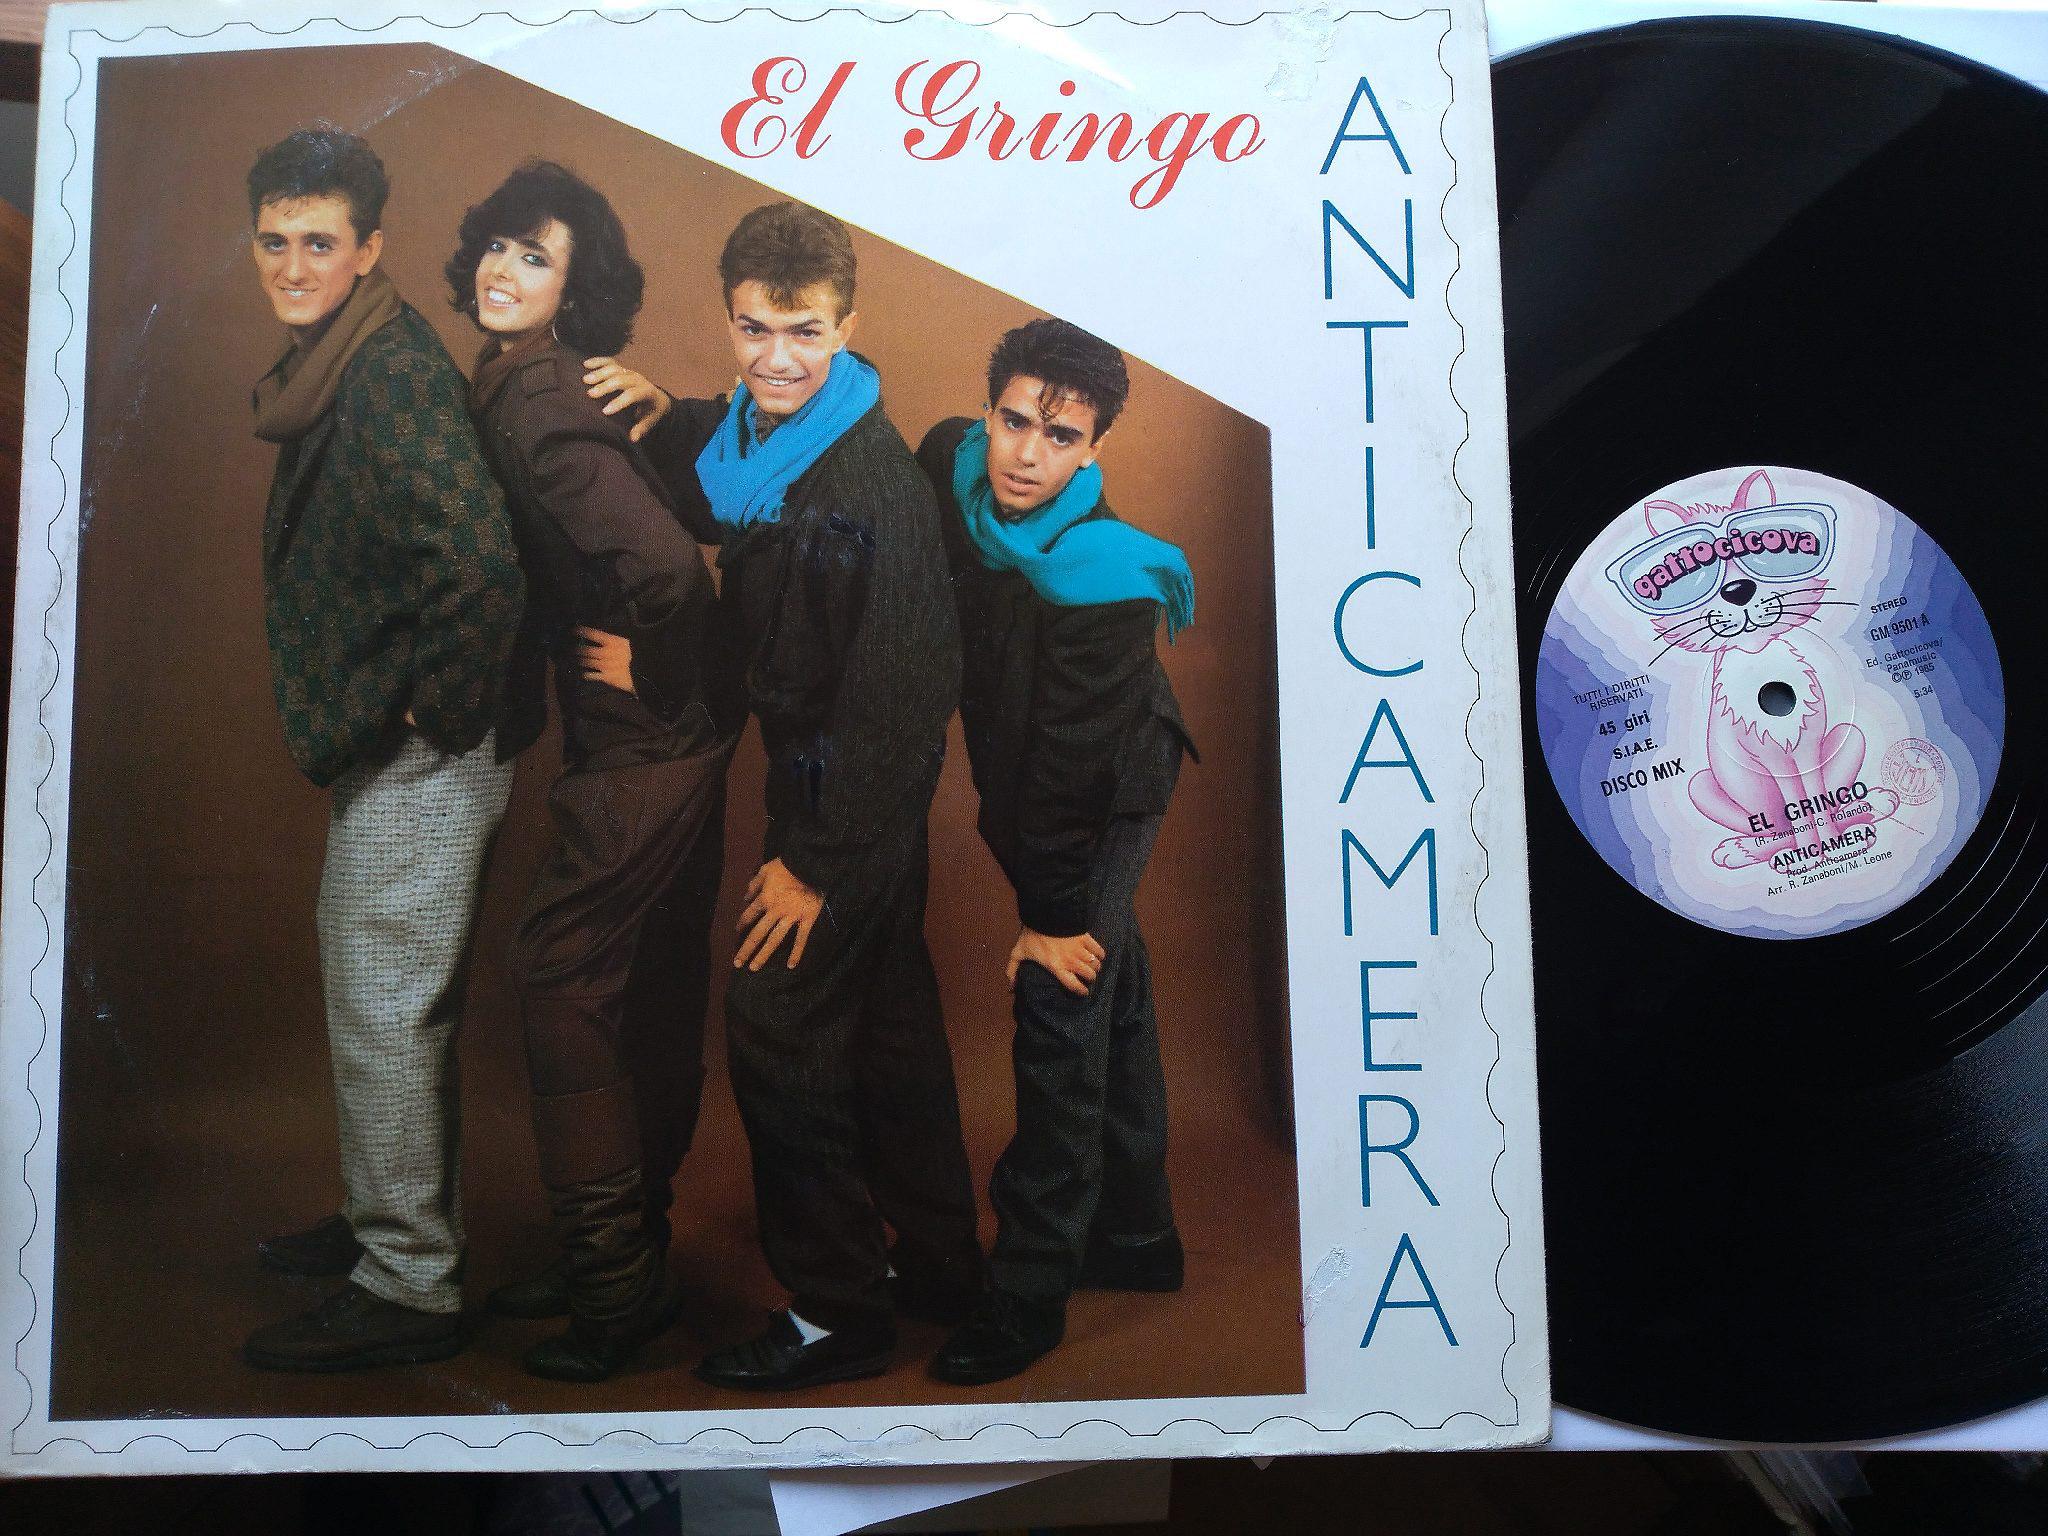 Anticamera - El Gringo